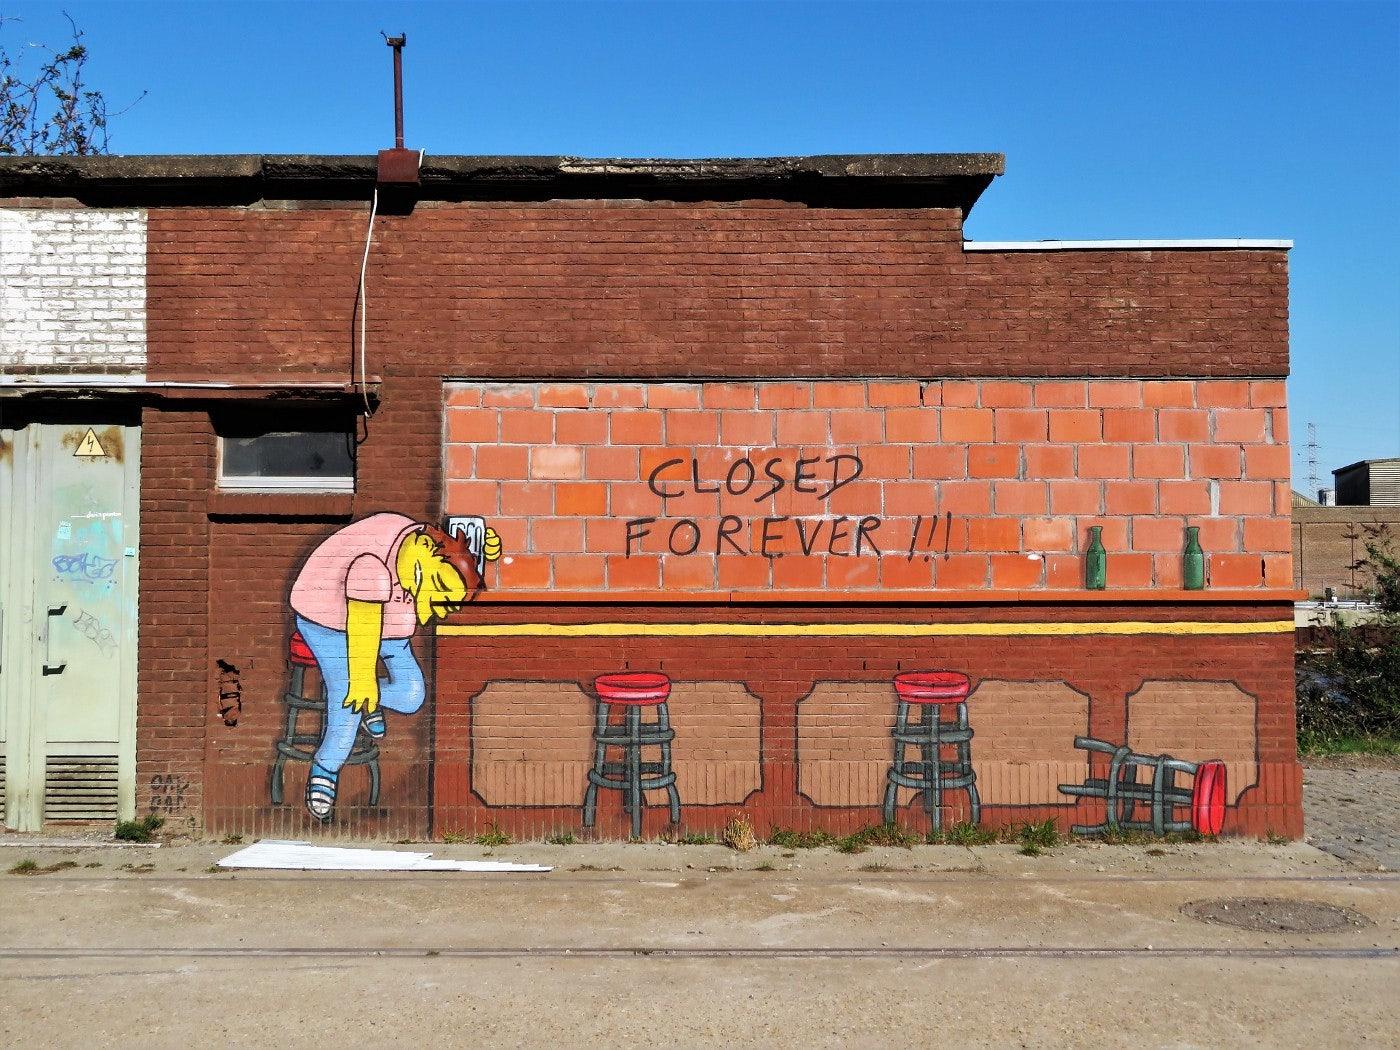 Ghent - Oak Oak: Closed Forever mural